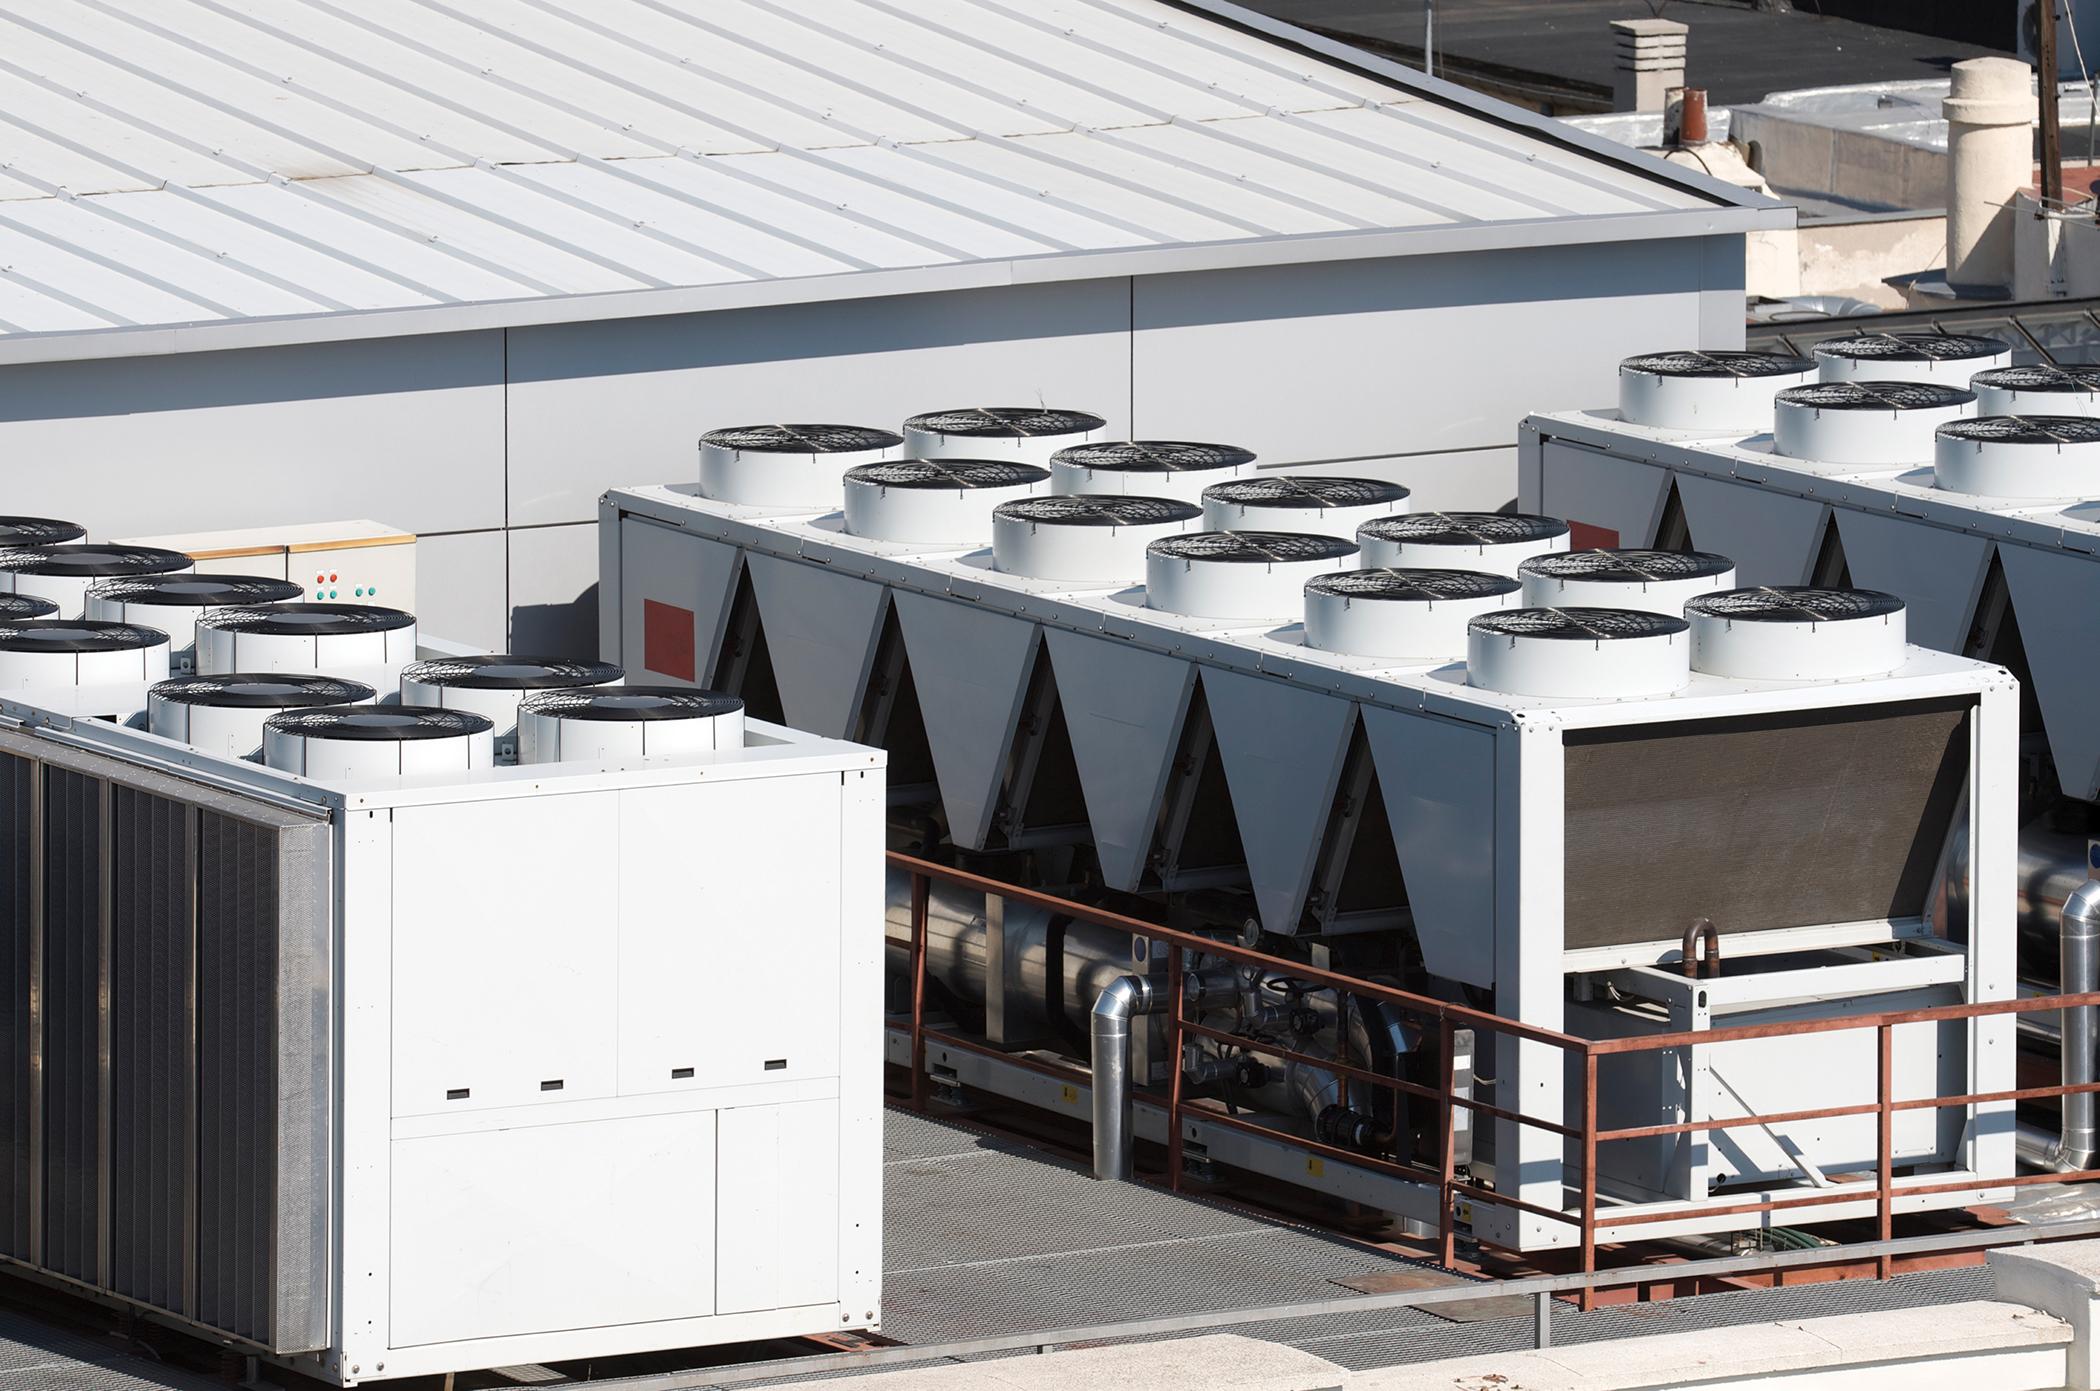 Der er store energibesparelser at hente ved energioptimering af komfortkøling